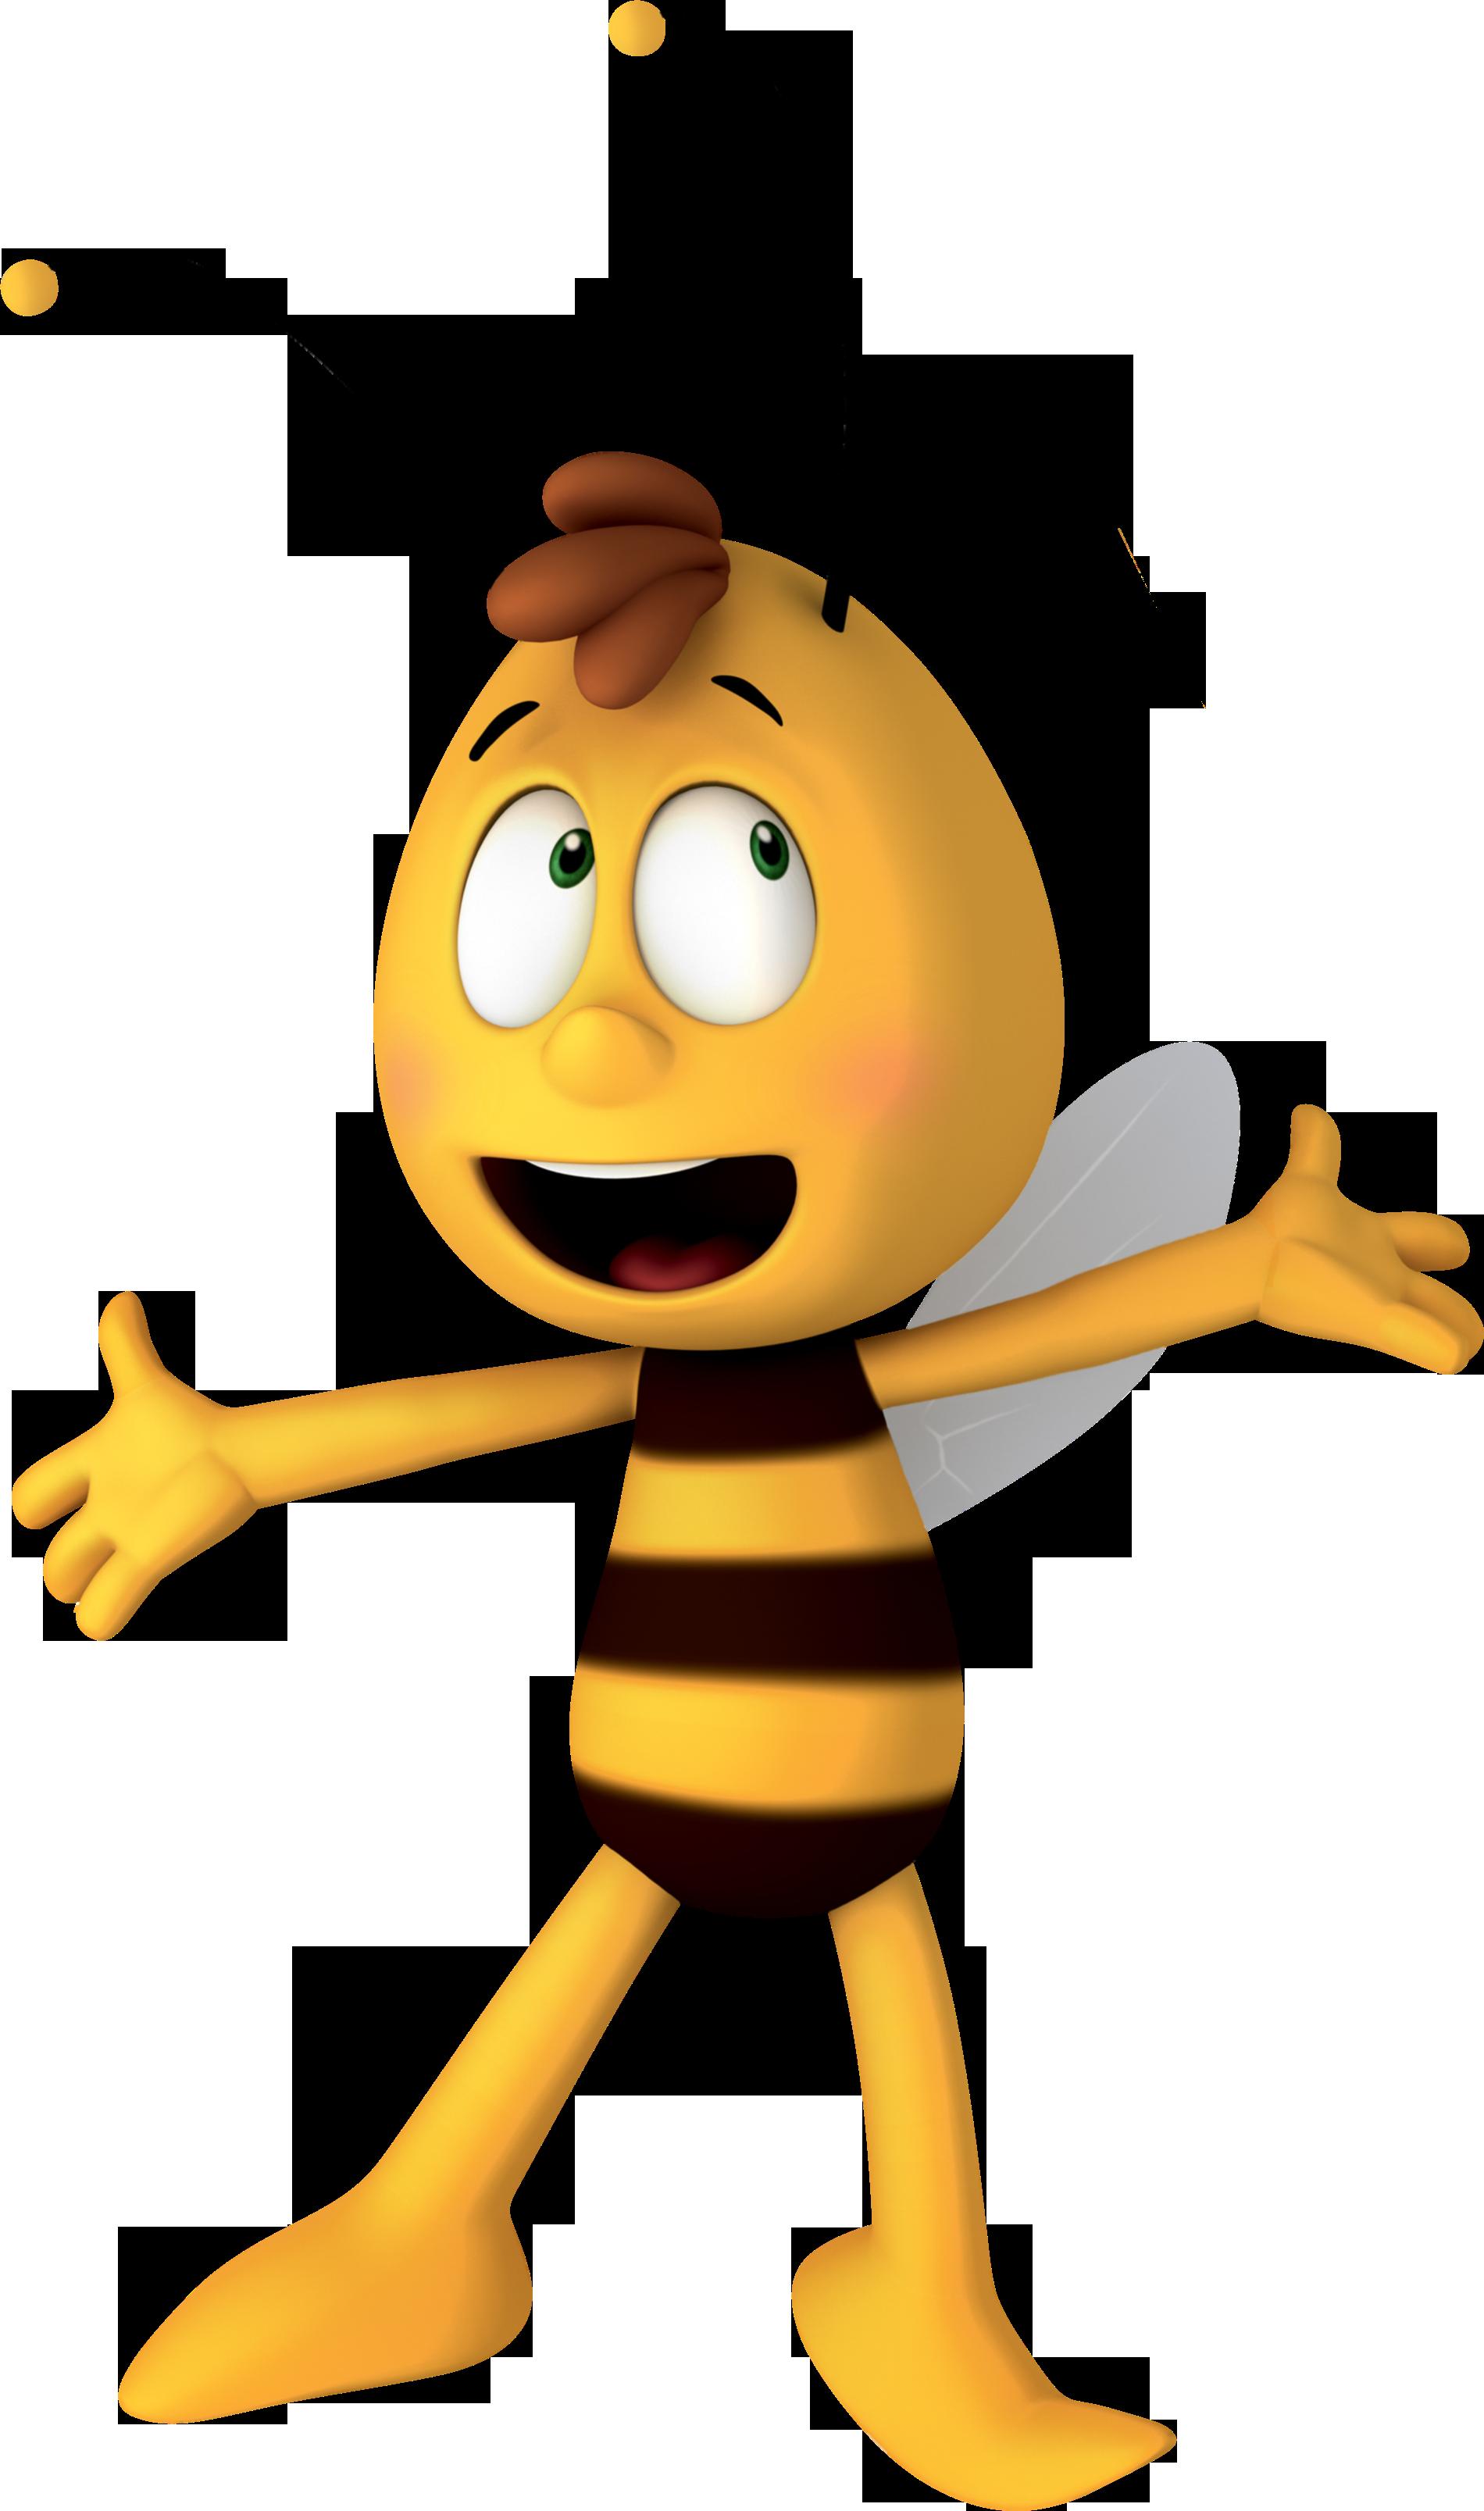 maya the bee cartoon - photo #16